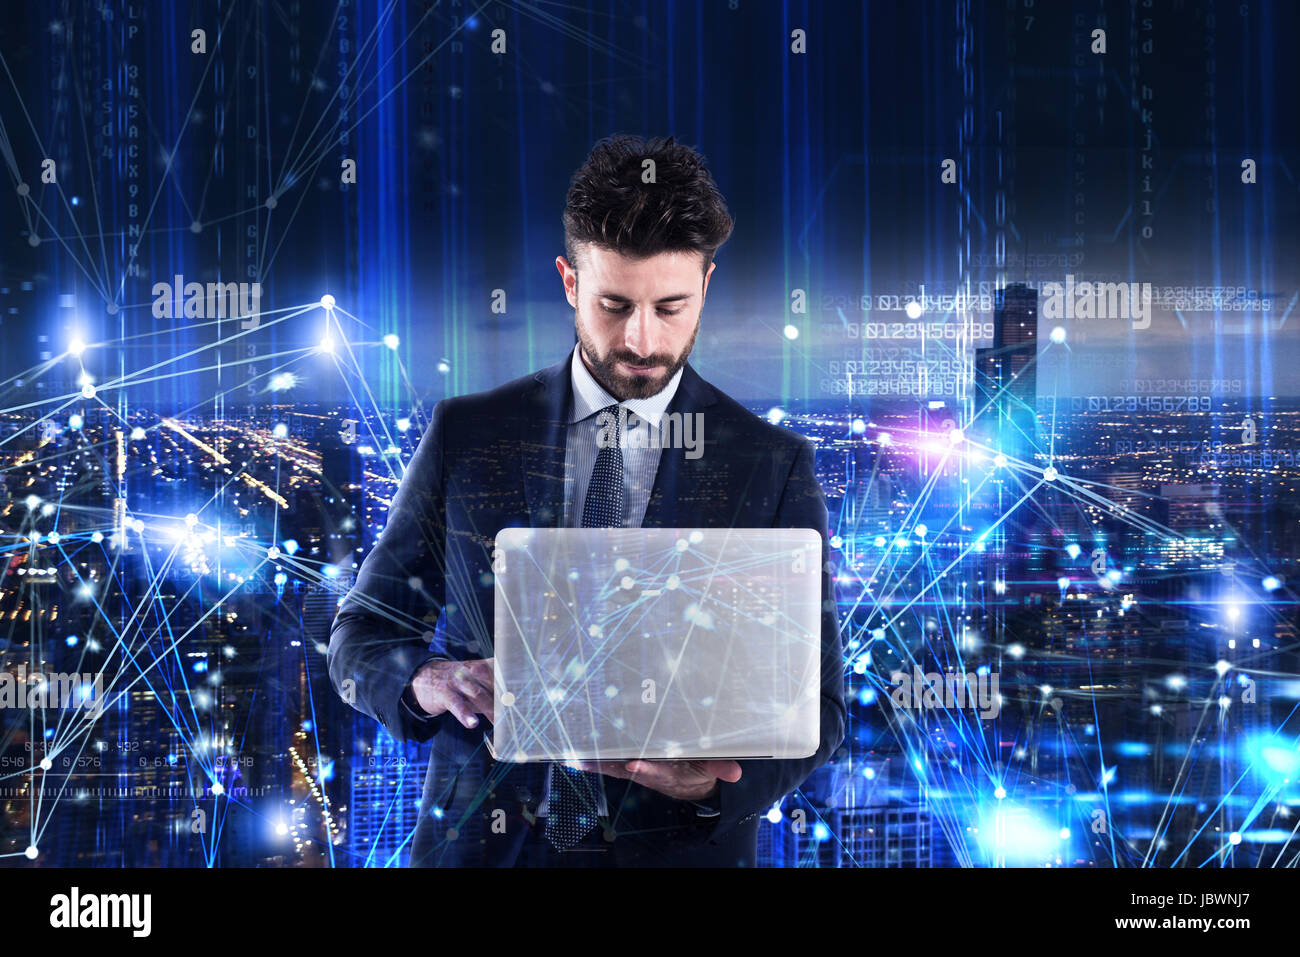 L'homme travaillant sur un ordinateur portable. Concept de l'analyse de logiciels Photo Stock